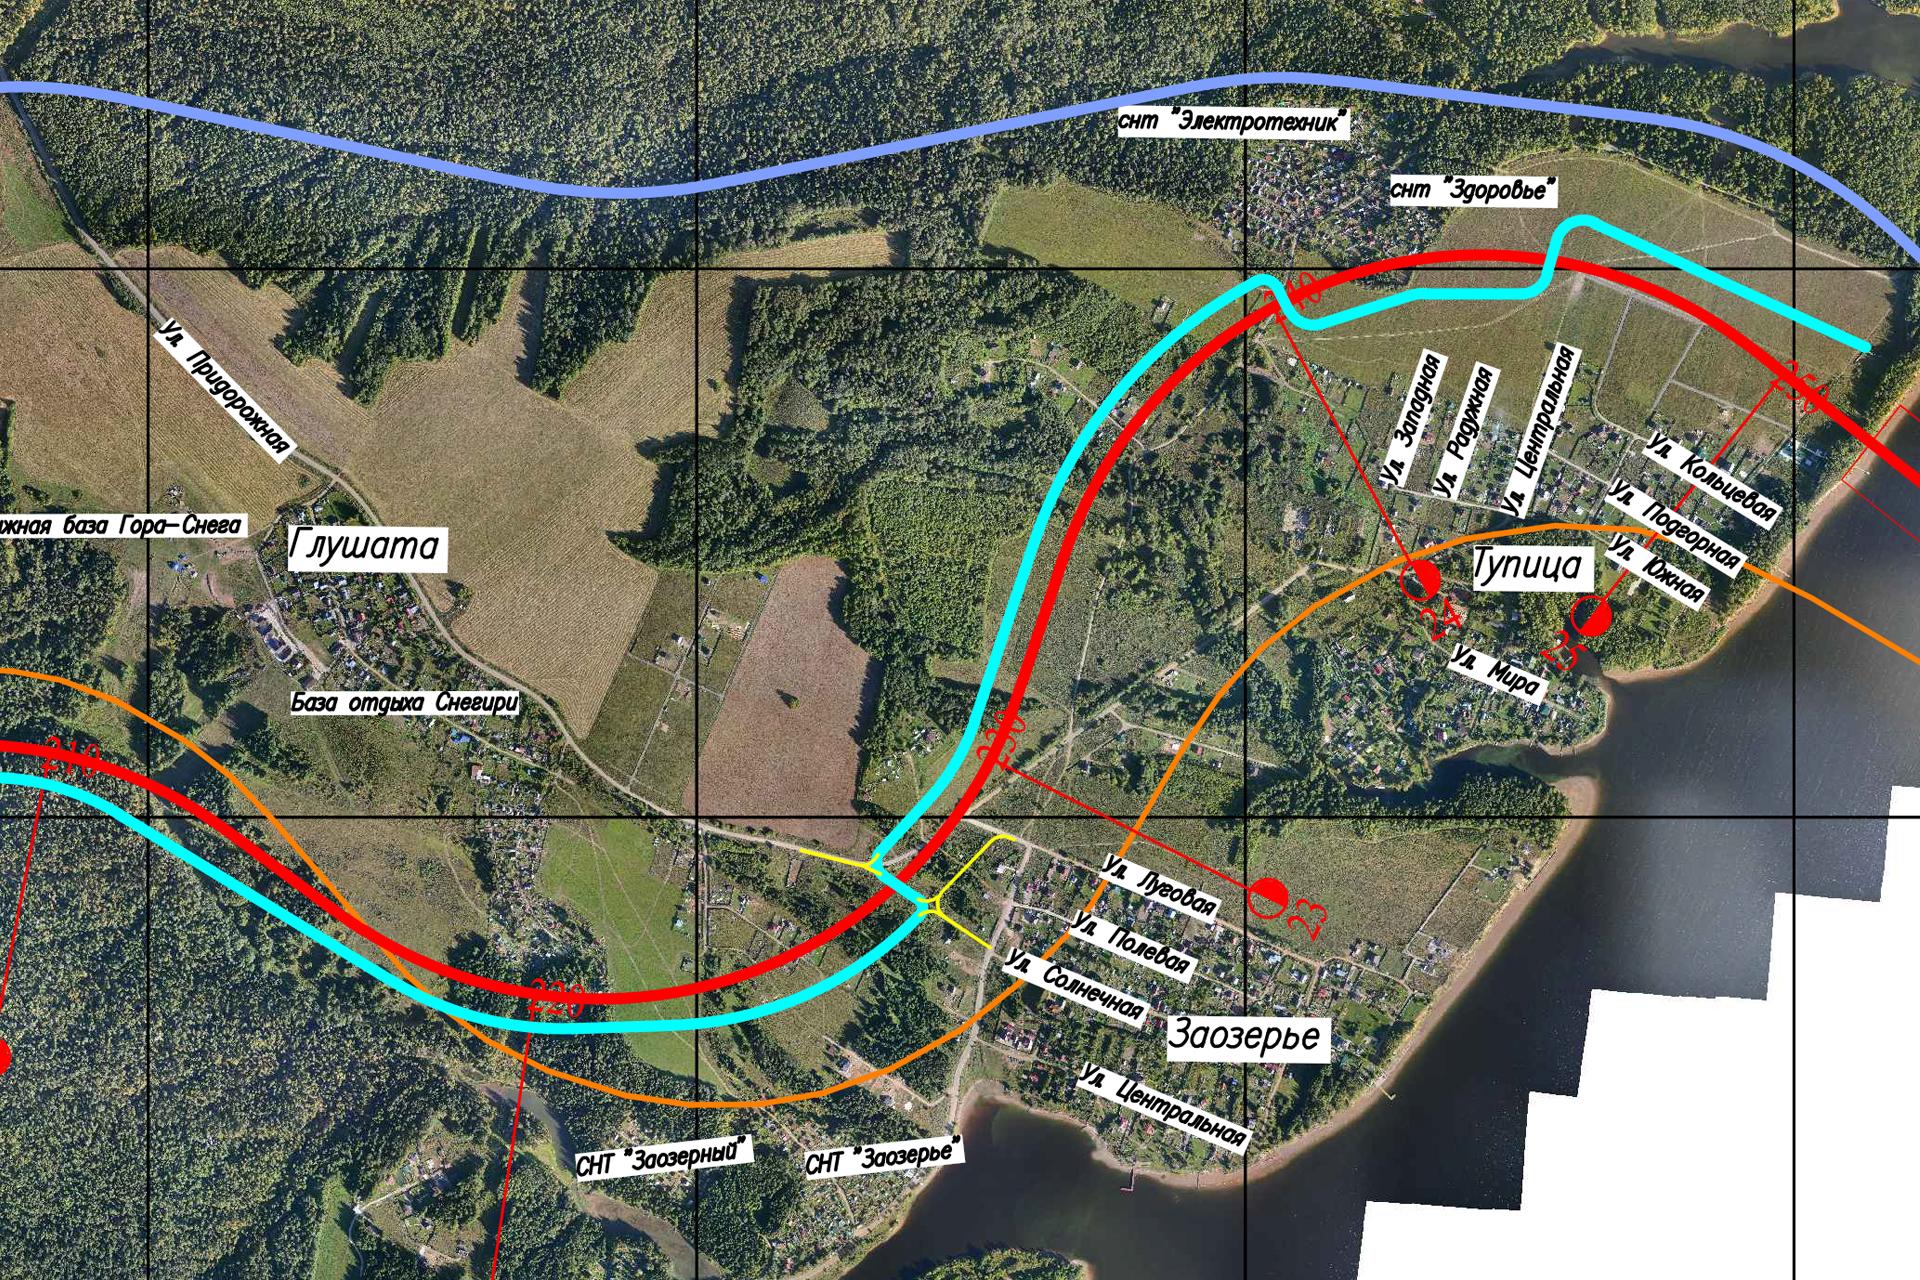 Синим цветом обозначена проектируемая линия железной дороги, которую сейчас рассматривают власти для прохождения Северного железнодорожного обхода